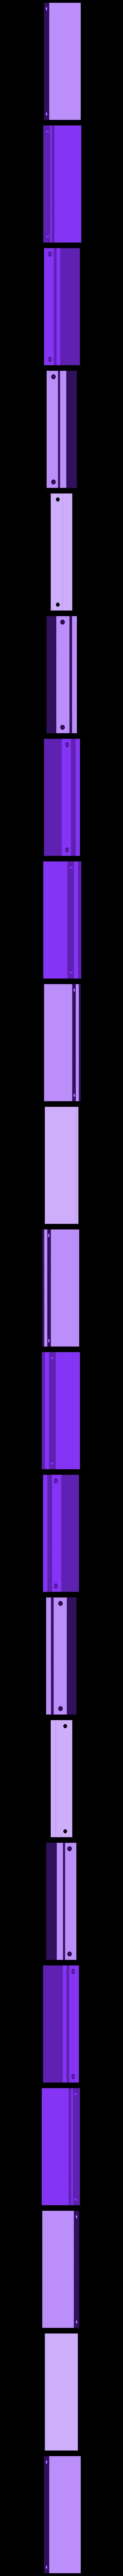 65464f43 6fea 4f92 b1ad 19c9e04ca1b1